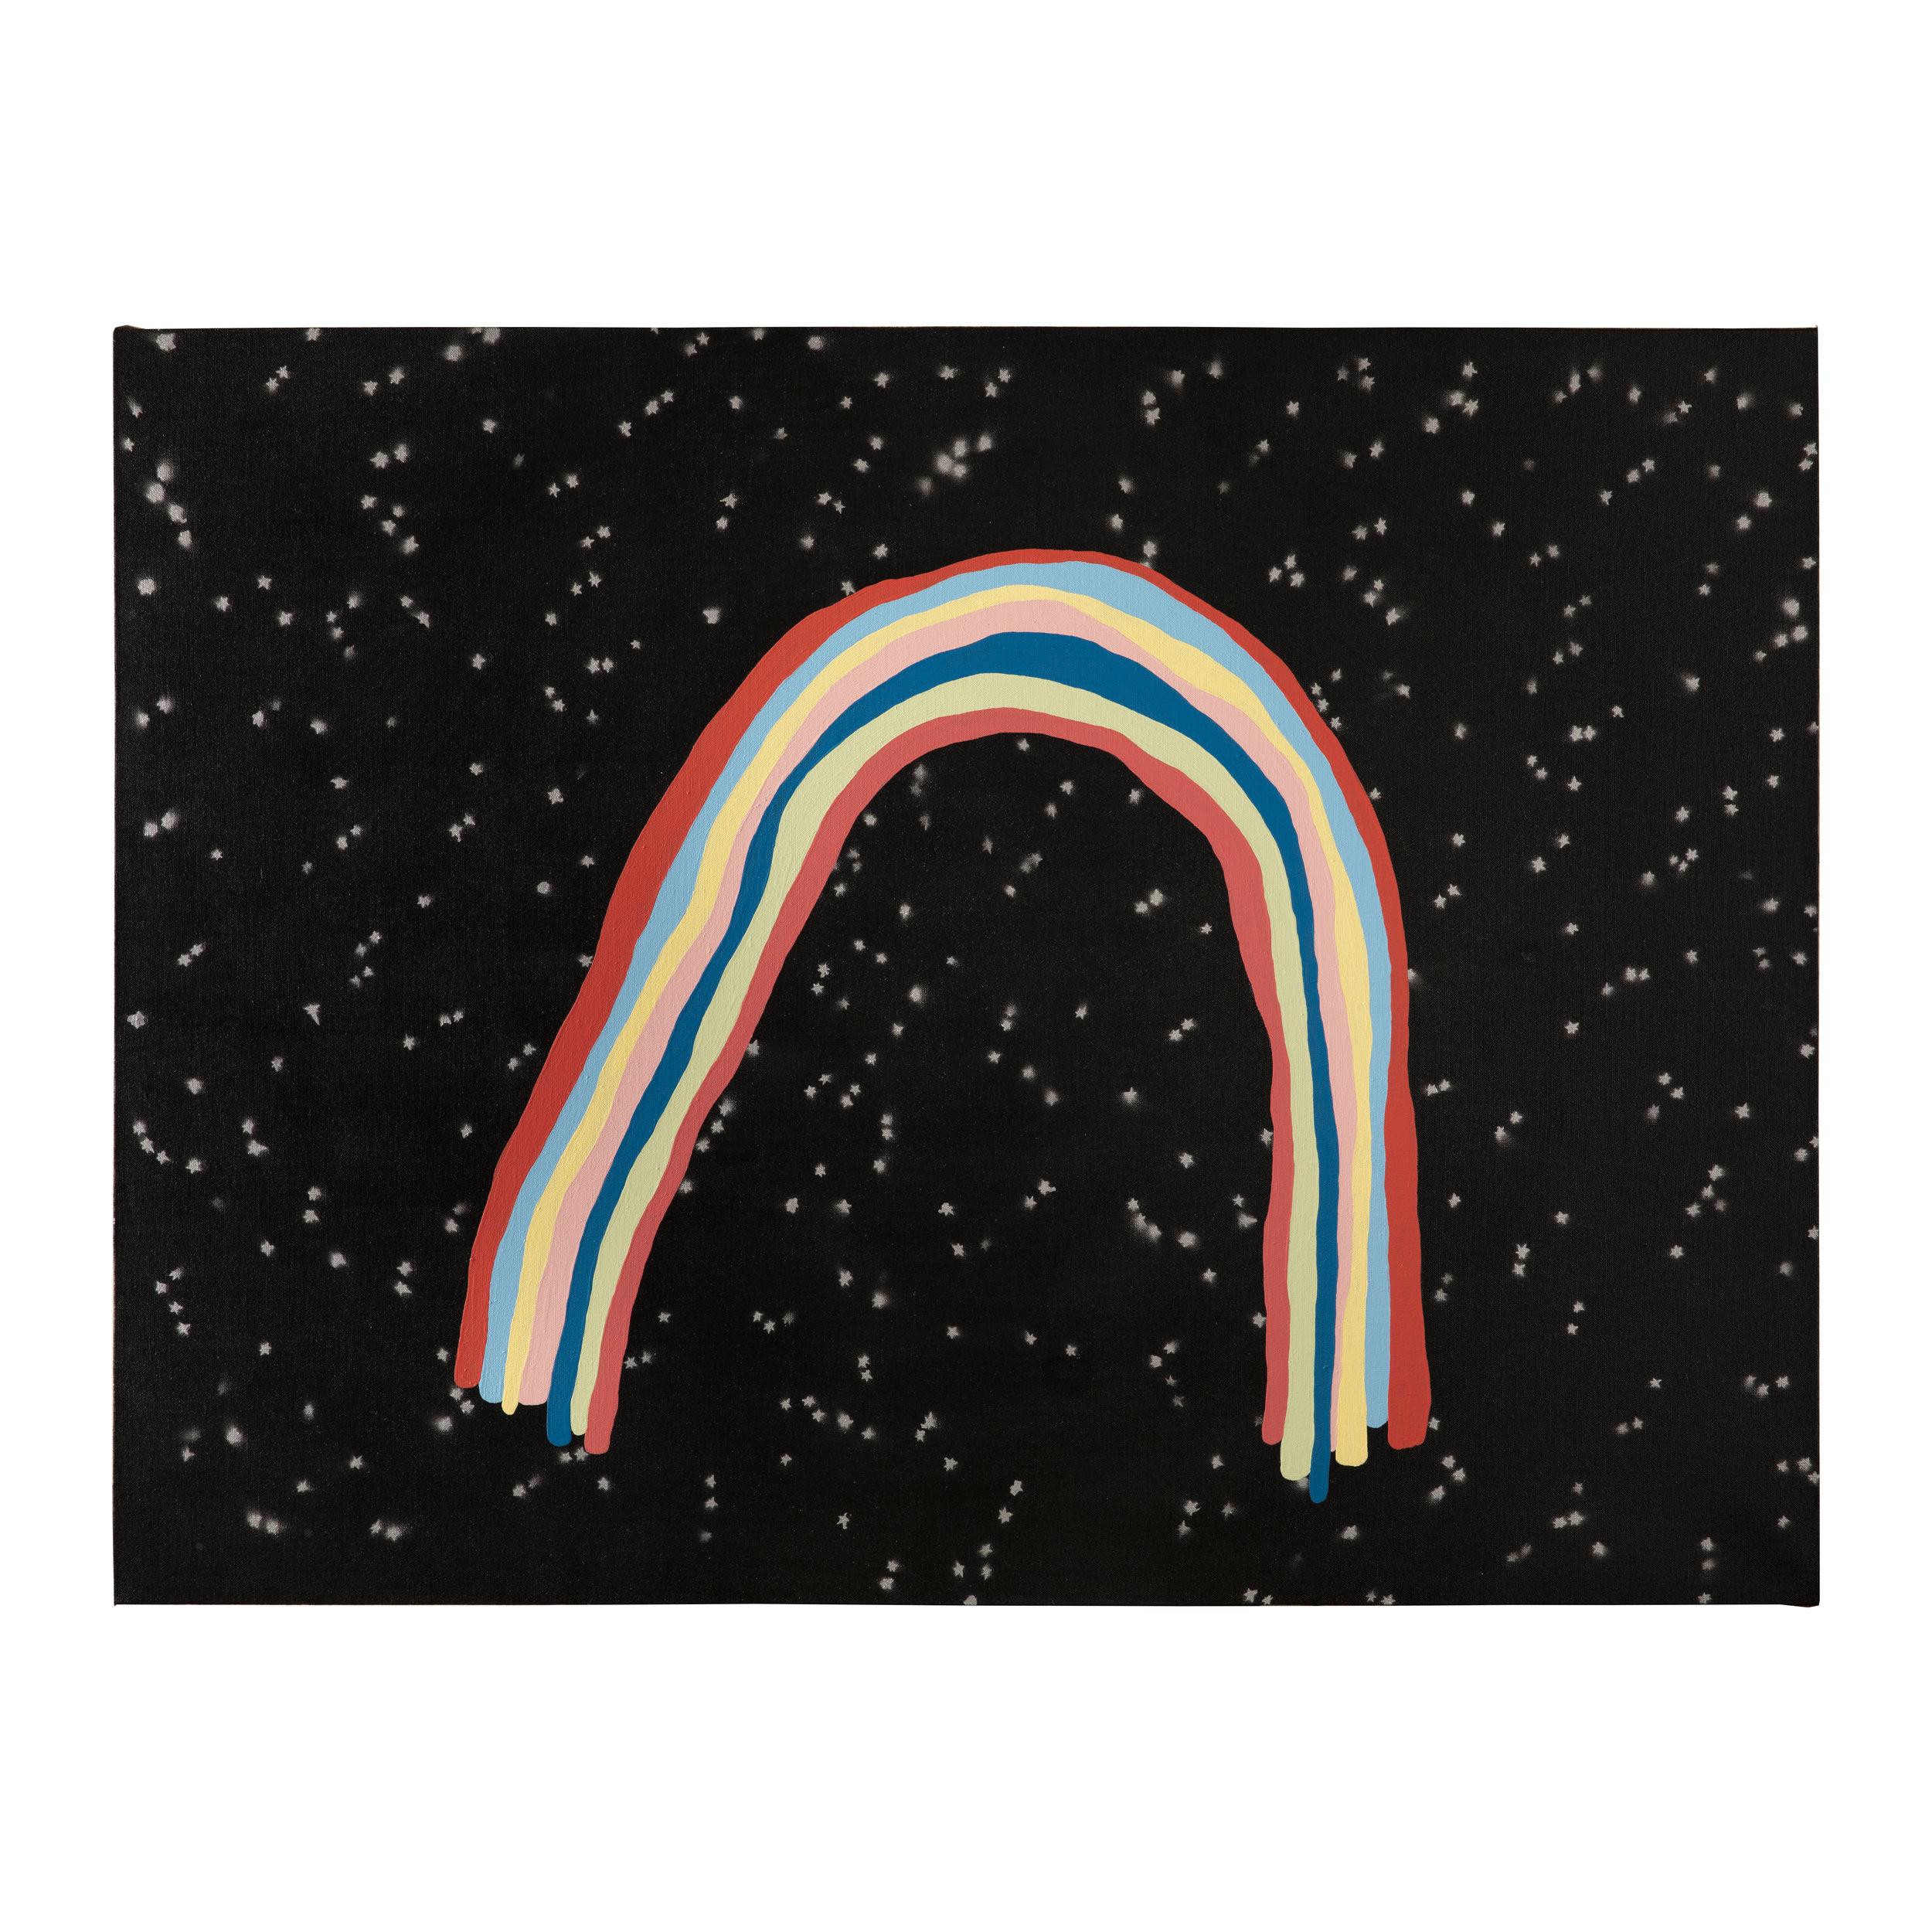 """Night Rainbow   Mixed media on linen, 31"""" x 41"""", 2019"""